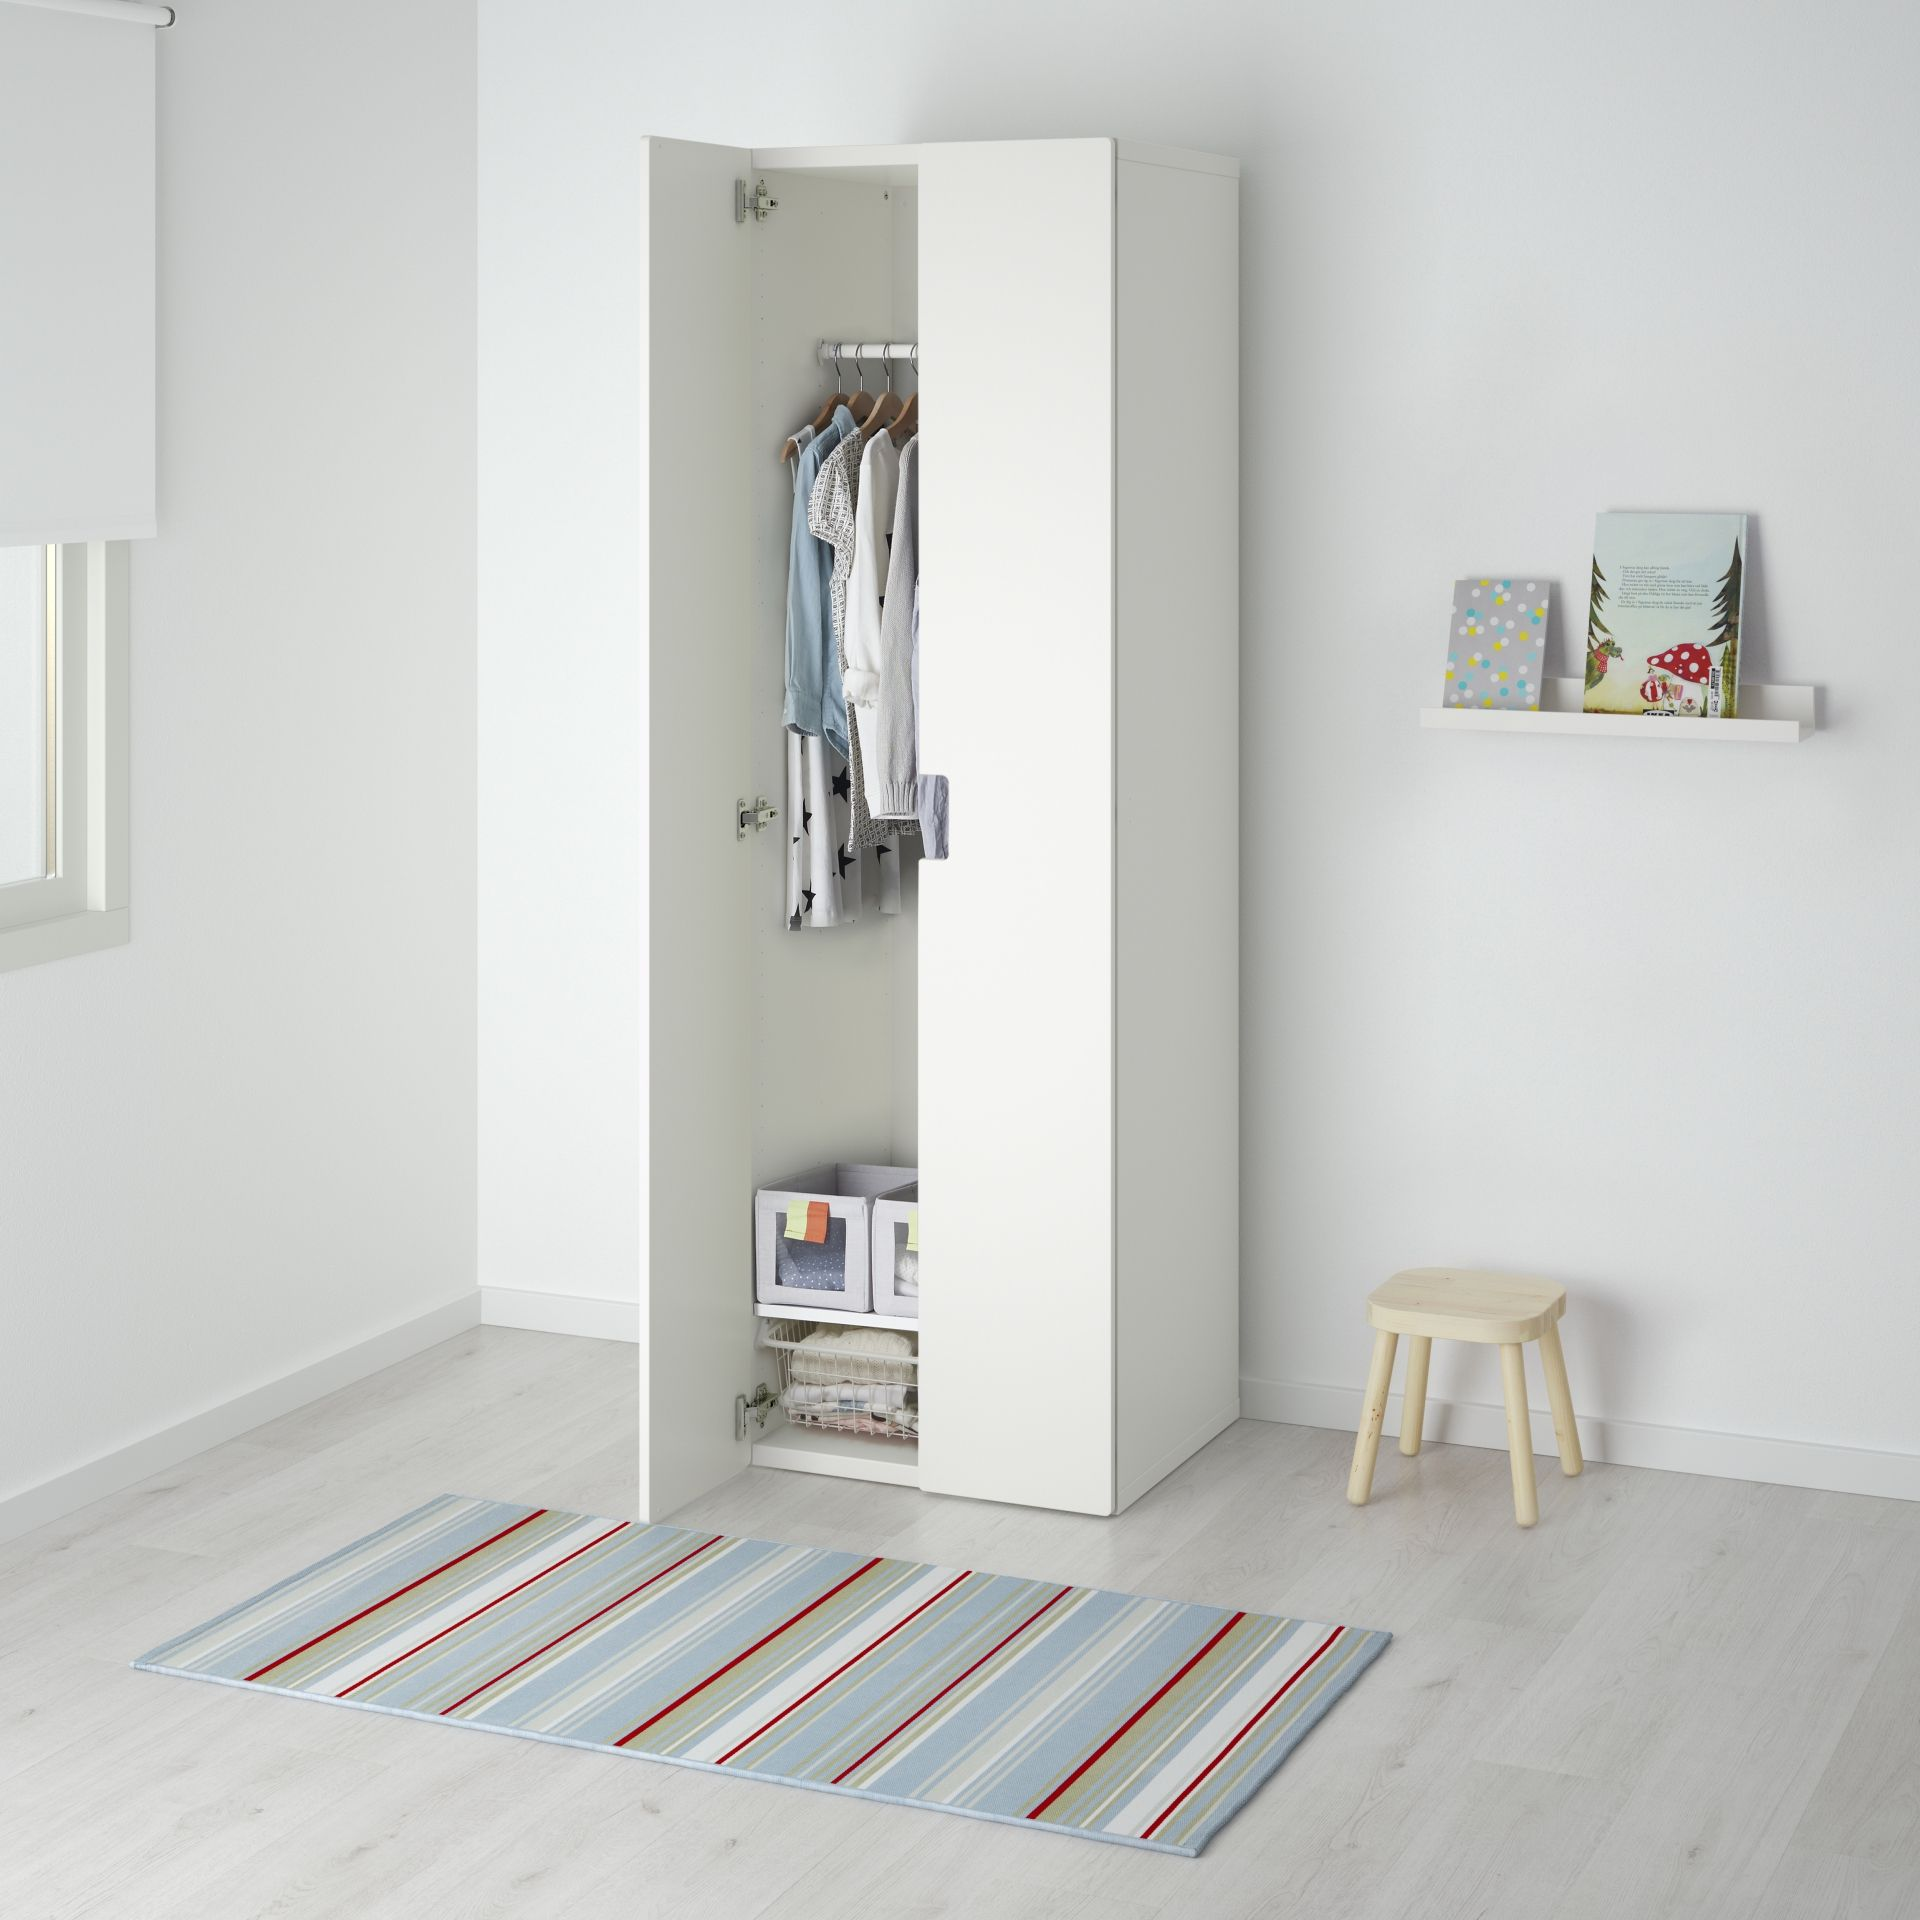 Nederland Susan Designdroom In 2019 Ikea Kledingkast